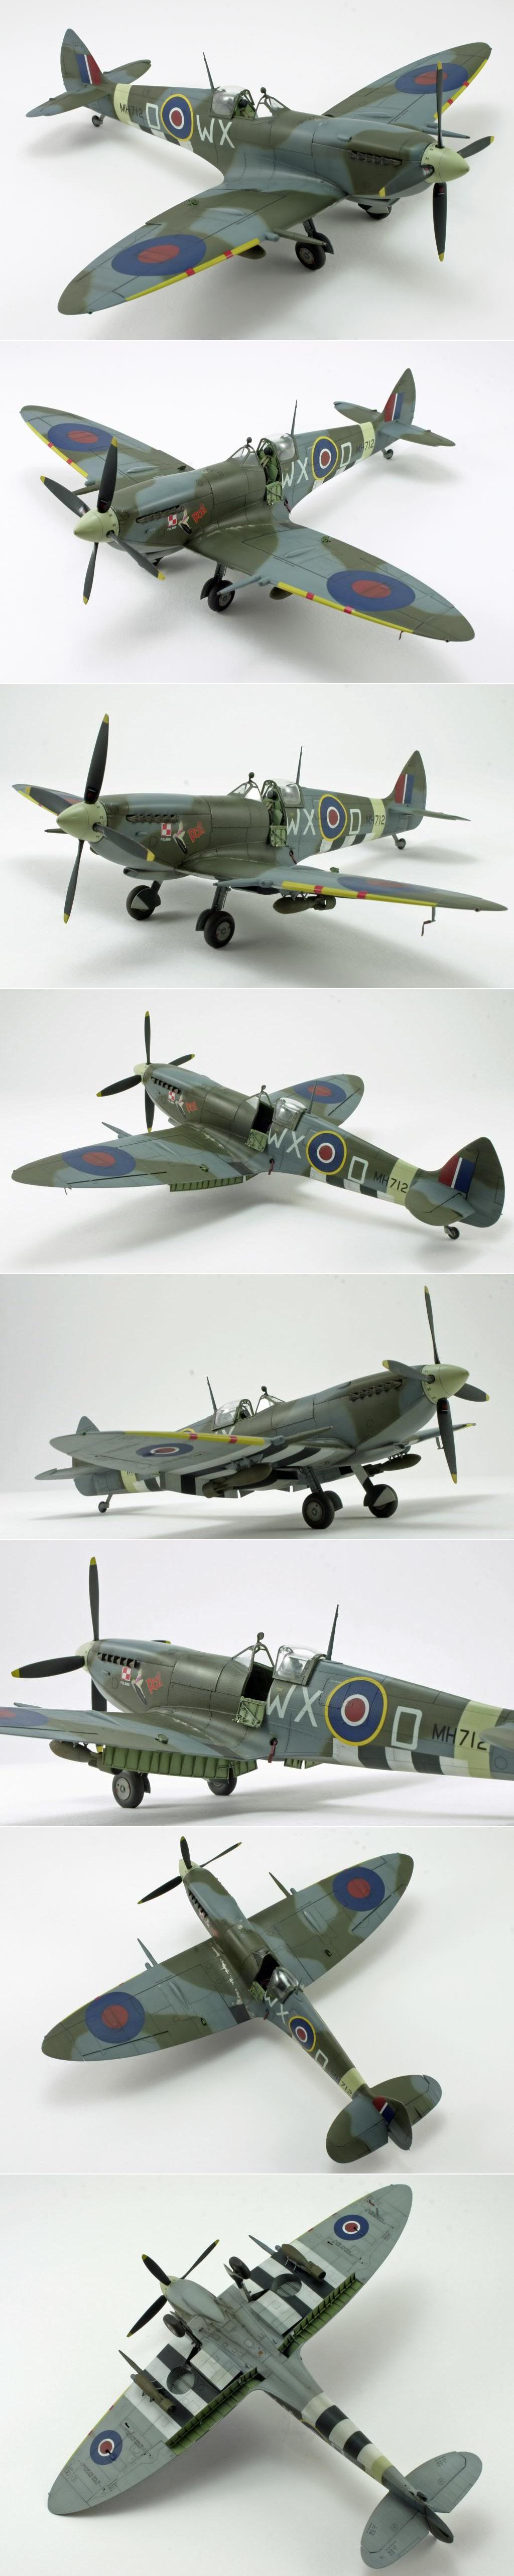 Eduard Spitfire Ix Http Www Network54 Com Forum 47751 Message 1389289445 Eduard Spitfire Ix Spitfire Model Model Airplanes Model Planes